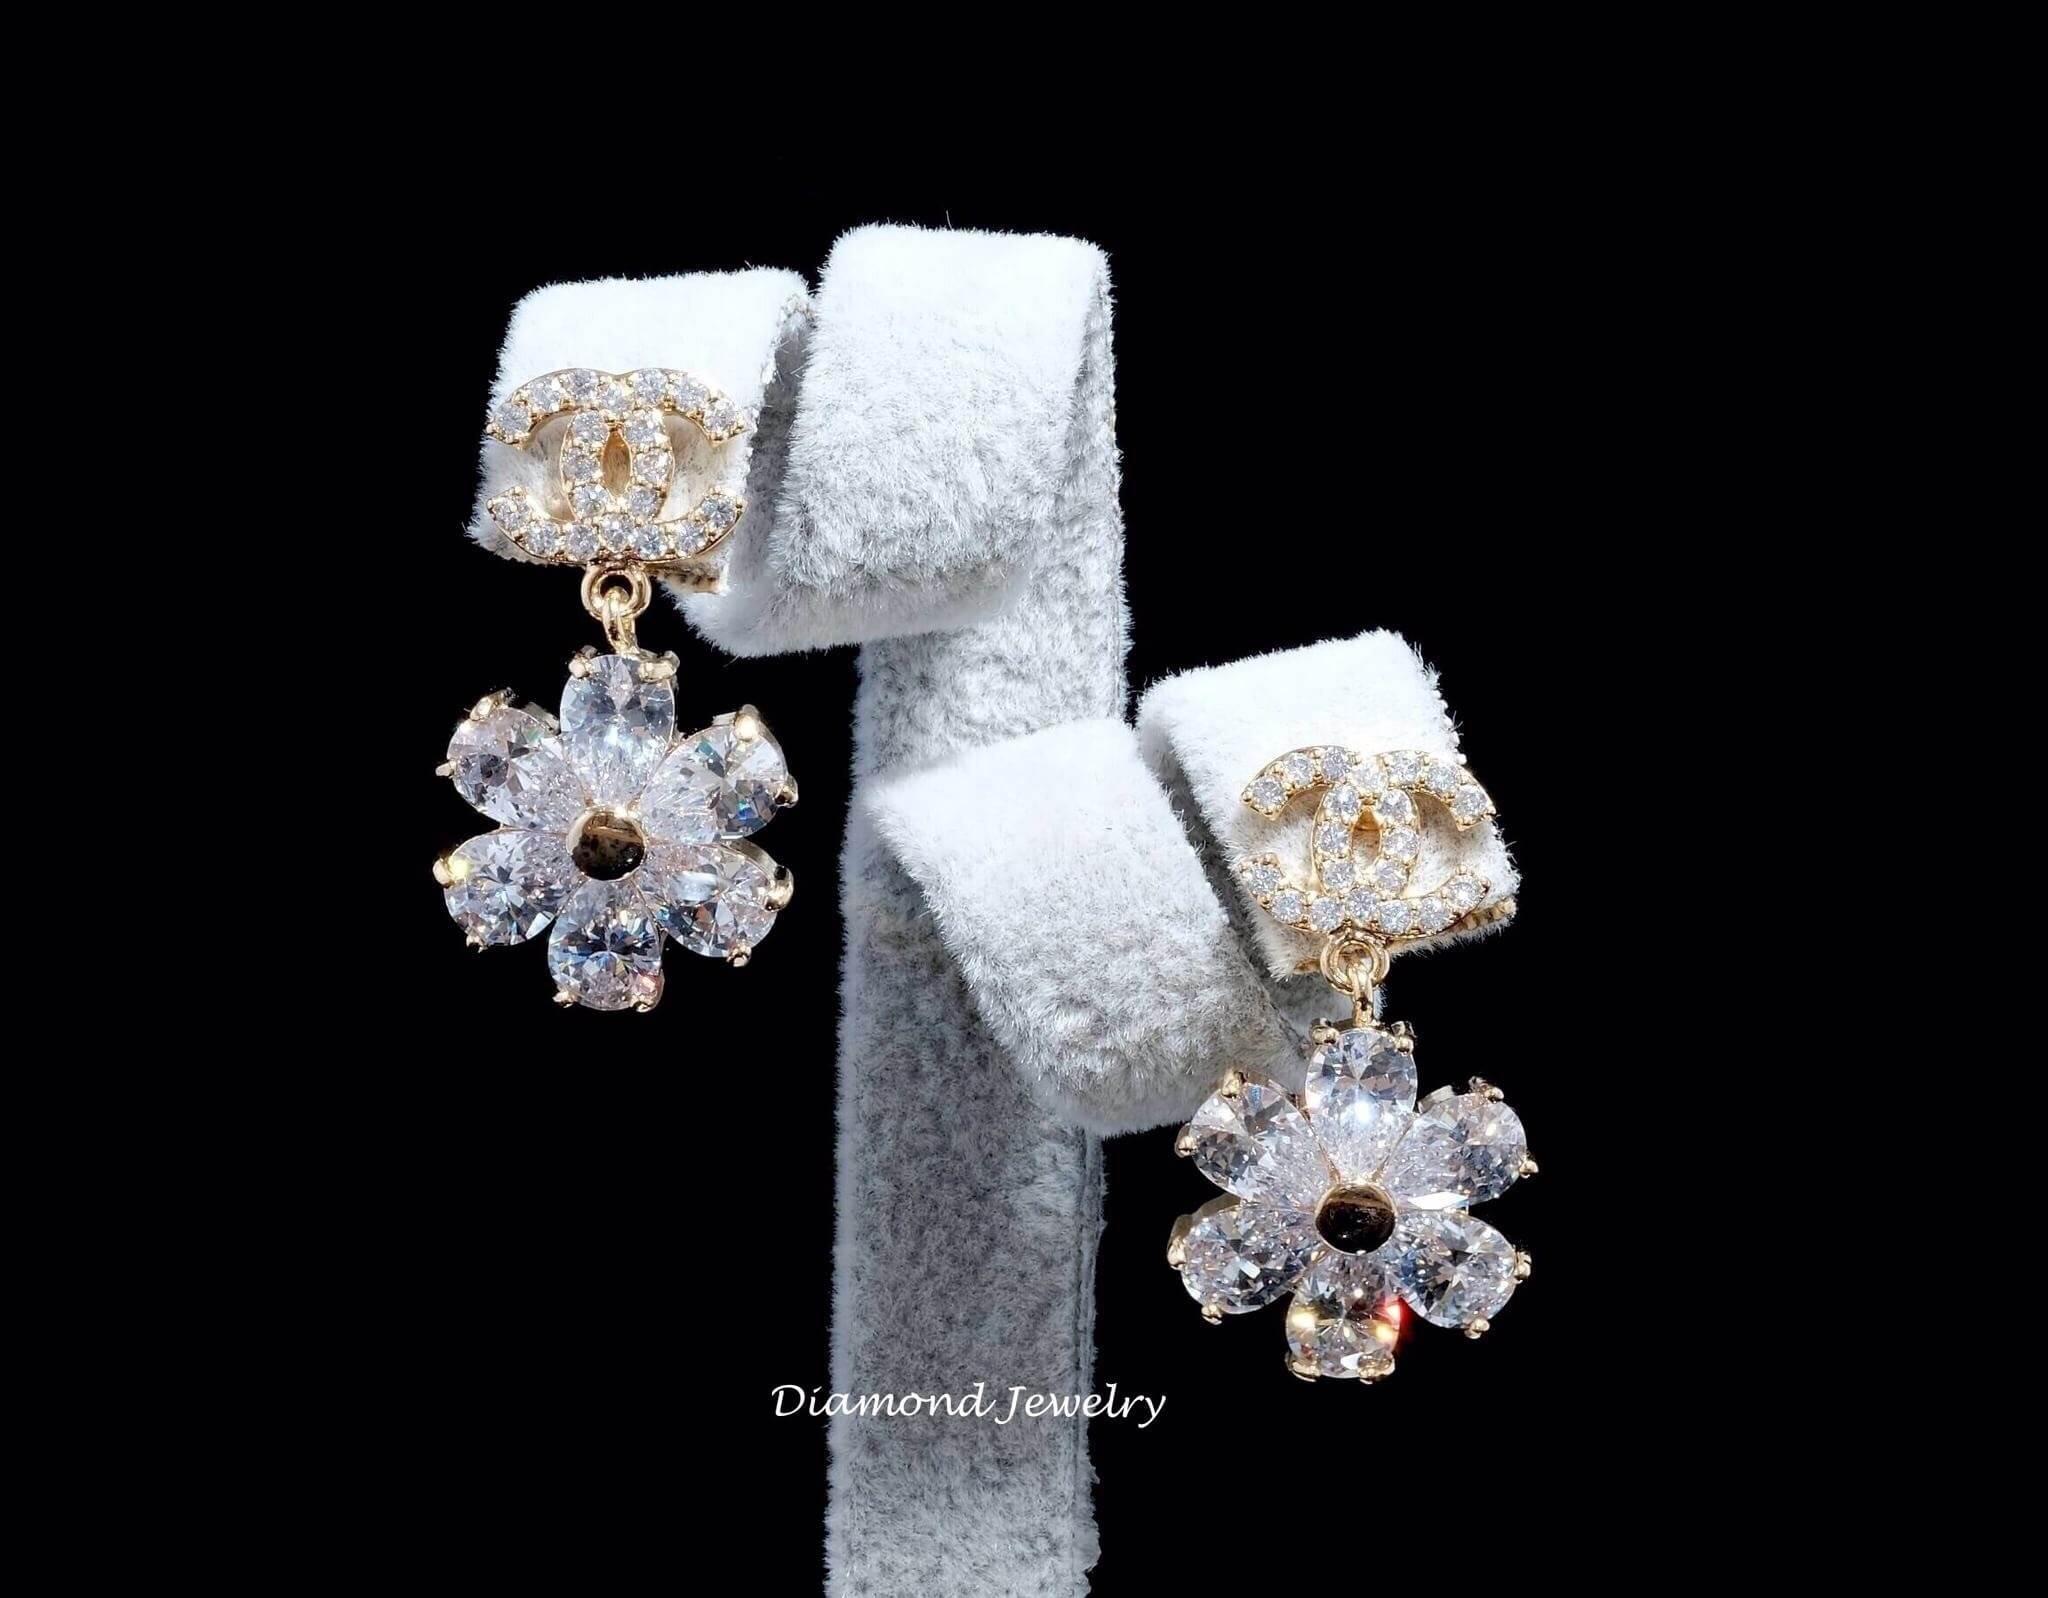 พร้อมส่ง Chanel Earring งานเพชร CZ แท้ งานเพชรคัดละเอียดดดมาก